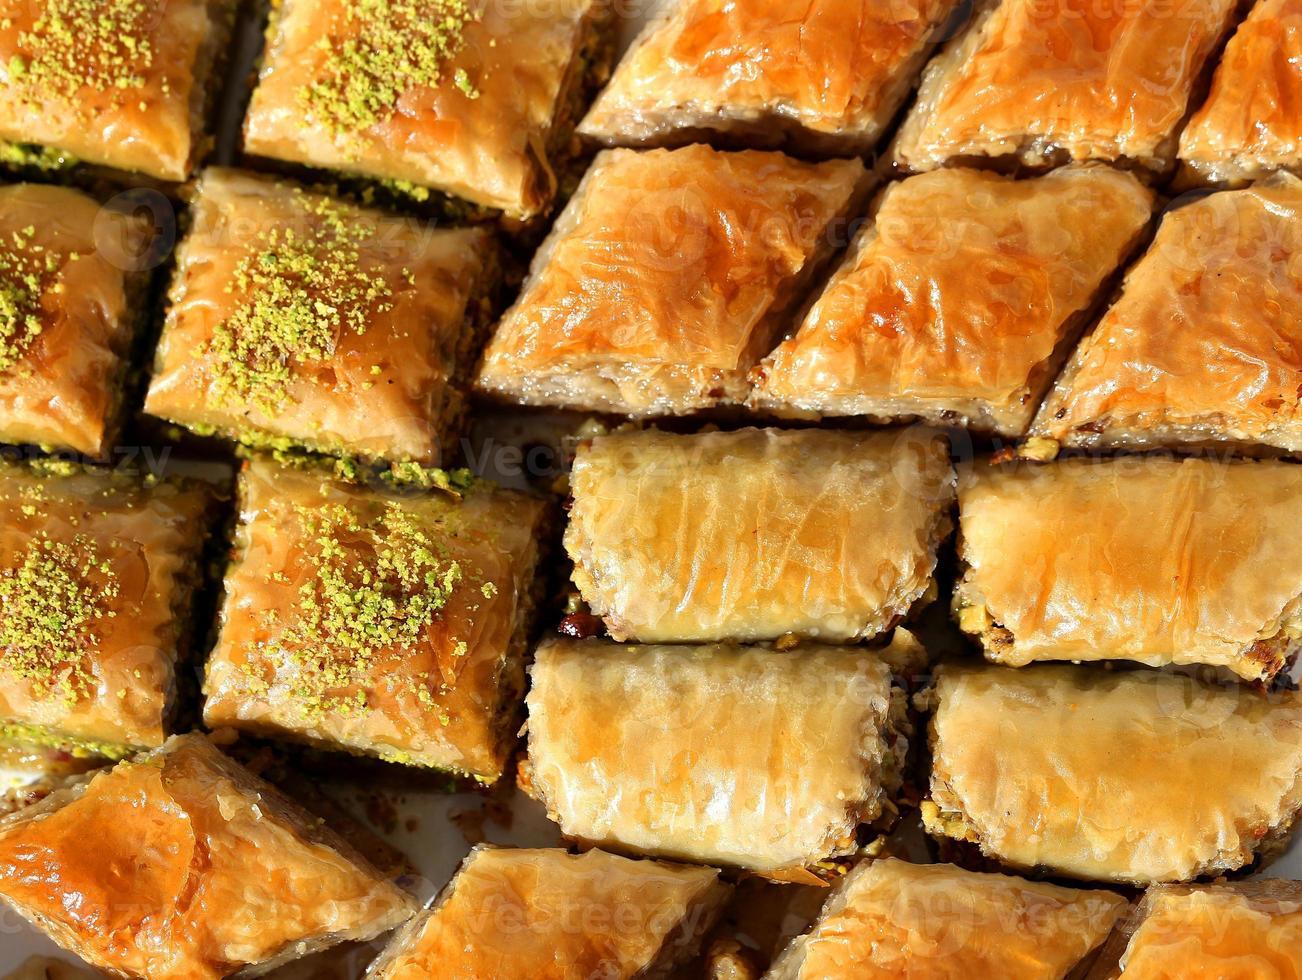 deliciosa baklava turca foto